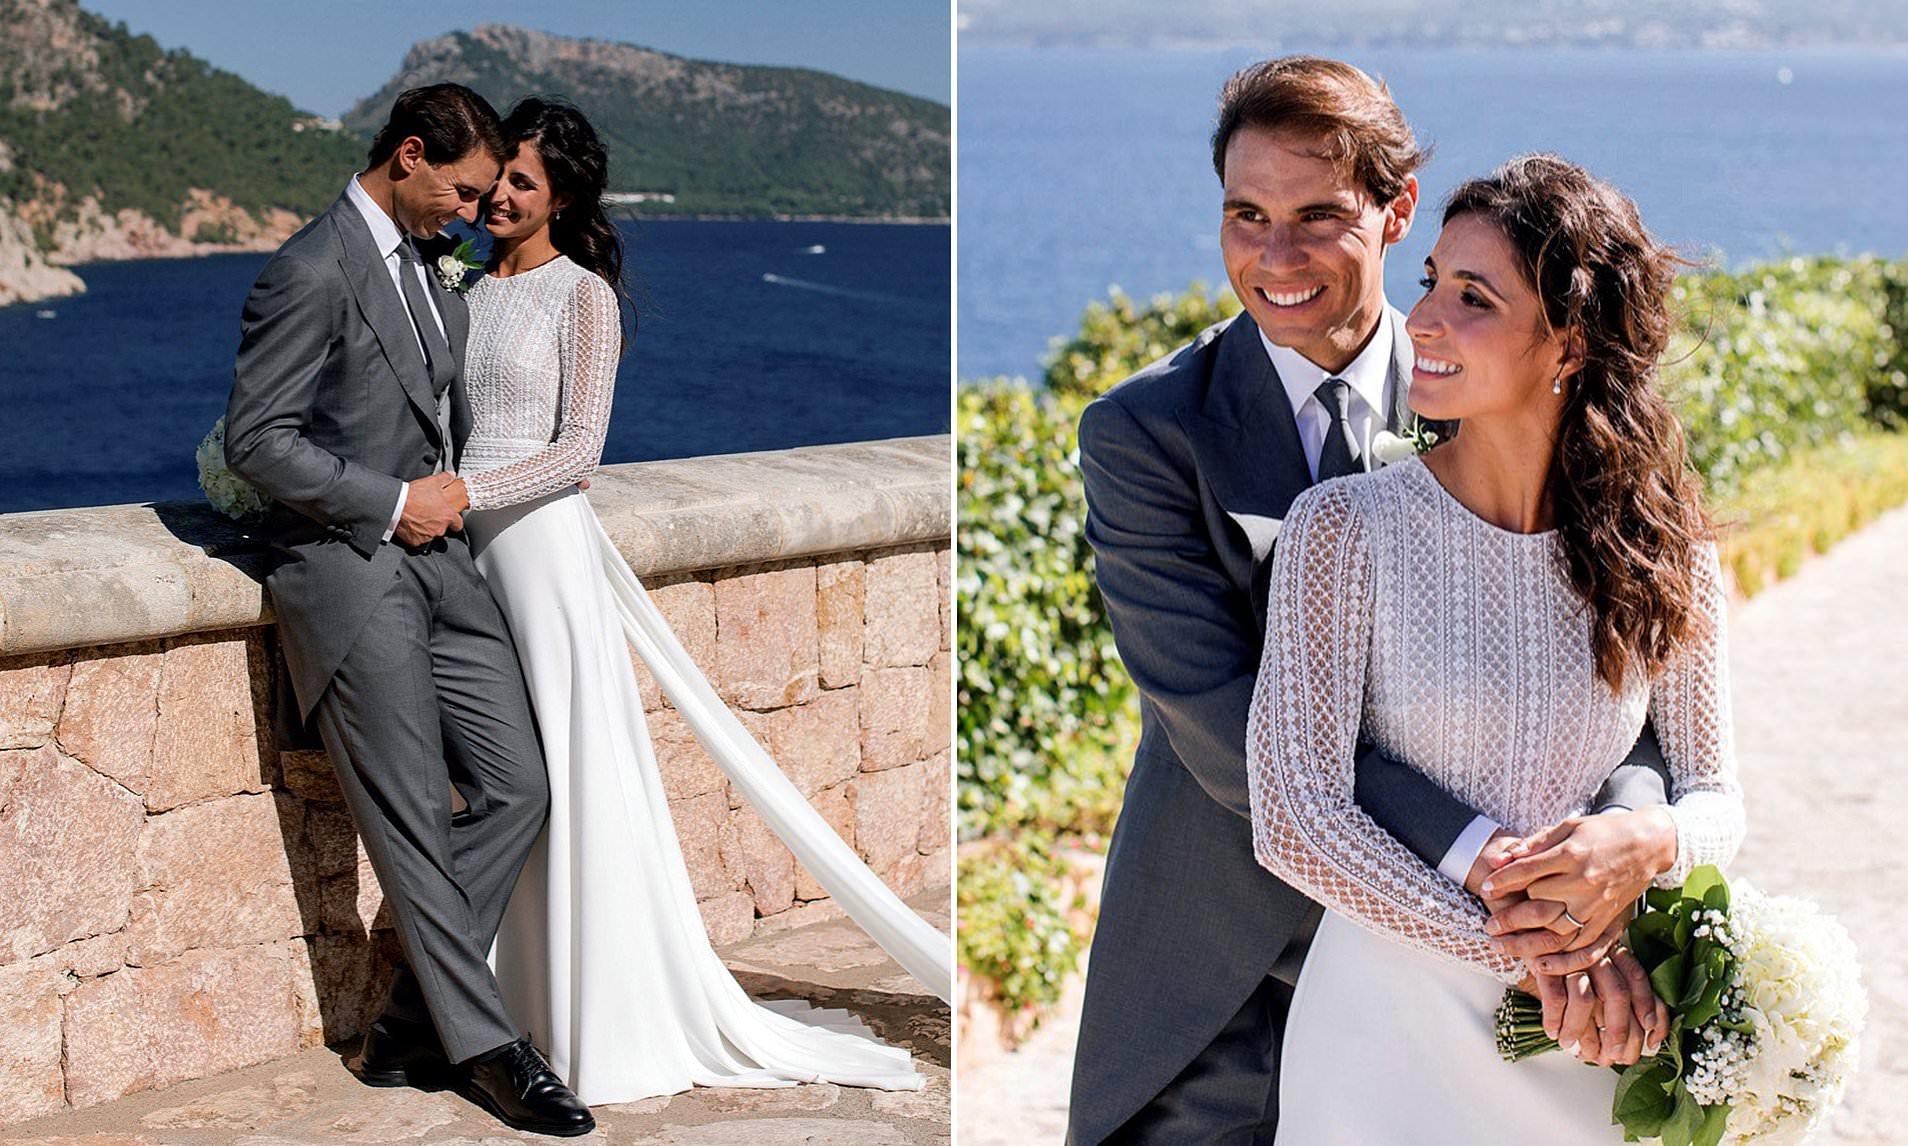 Ein wunderschönes Paar - Rafael Nadal